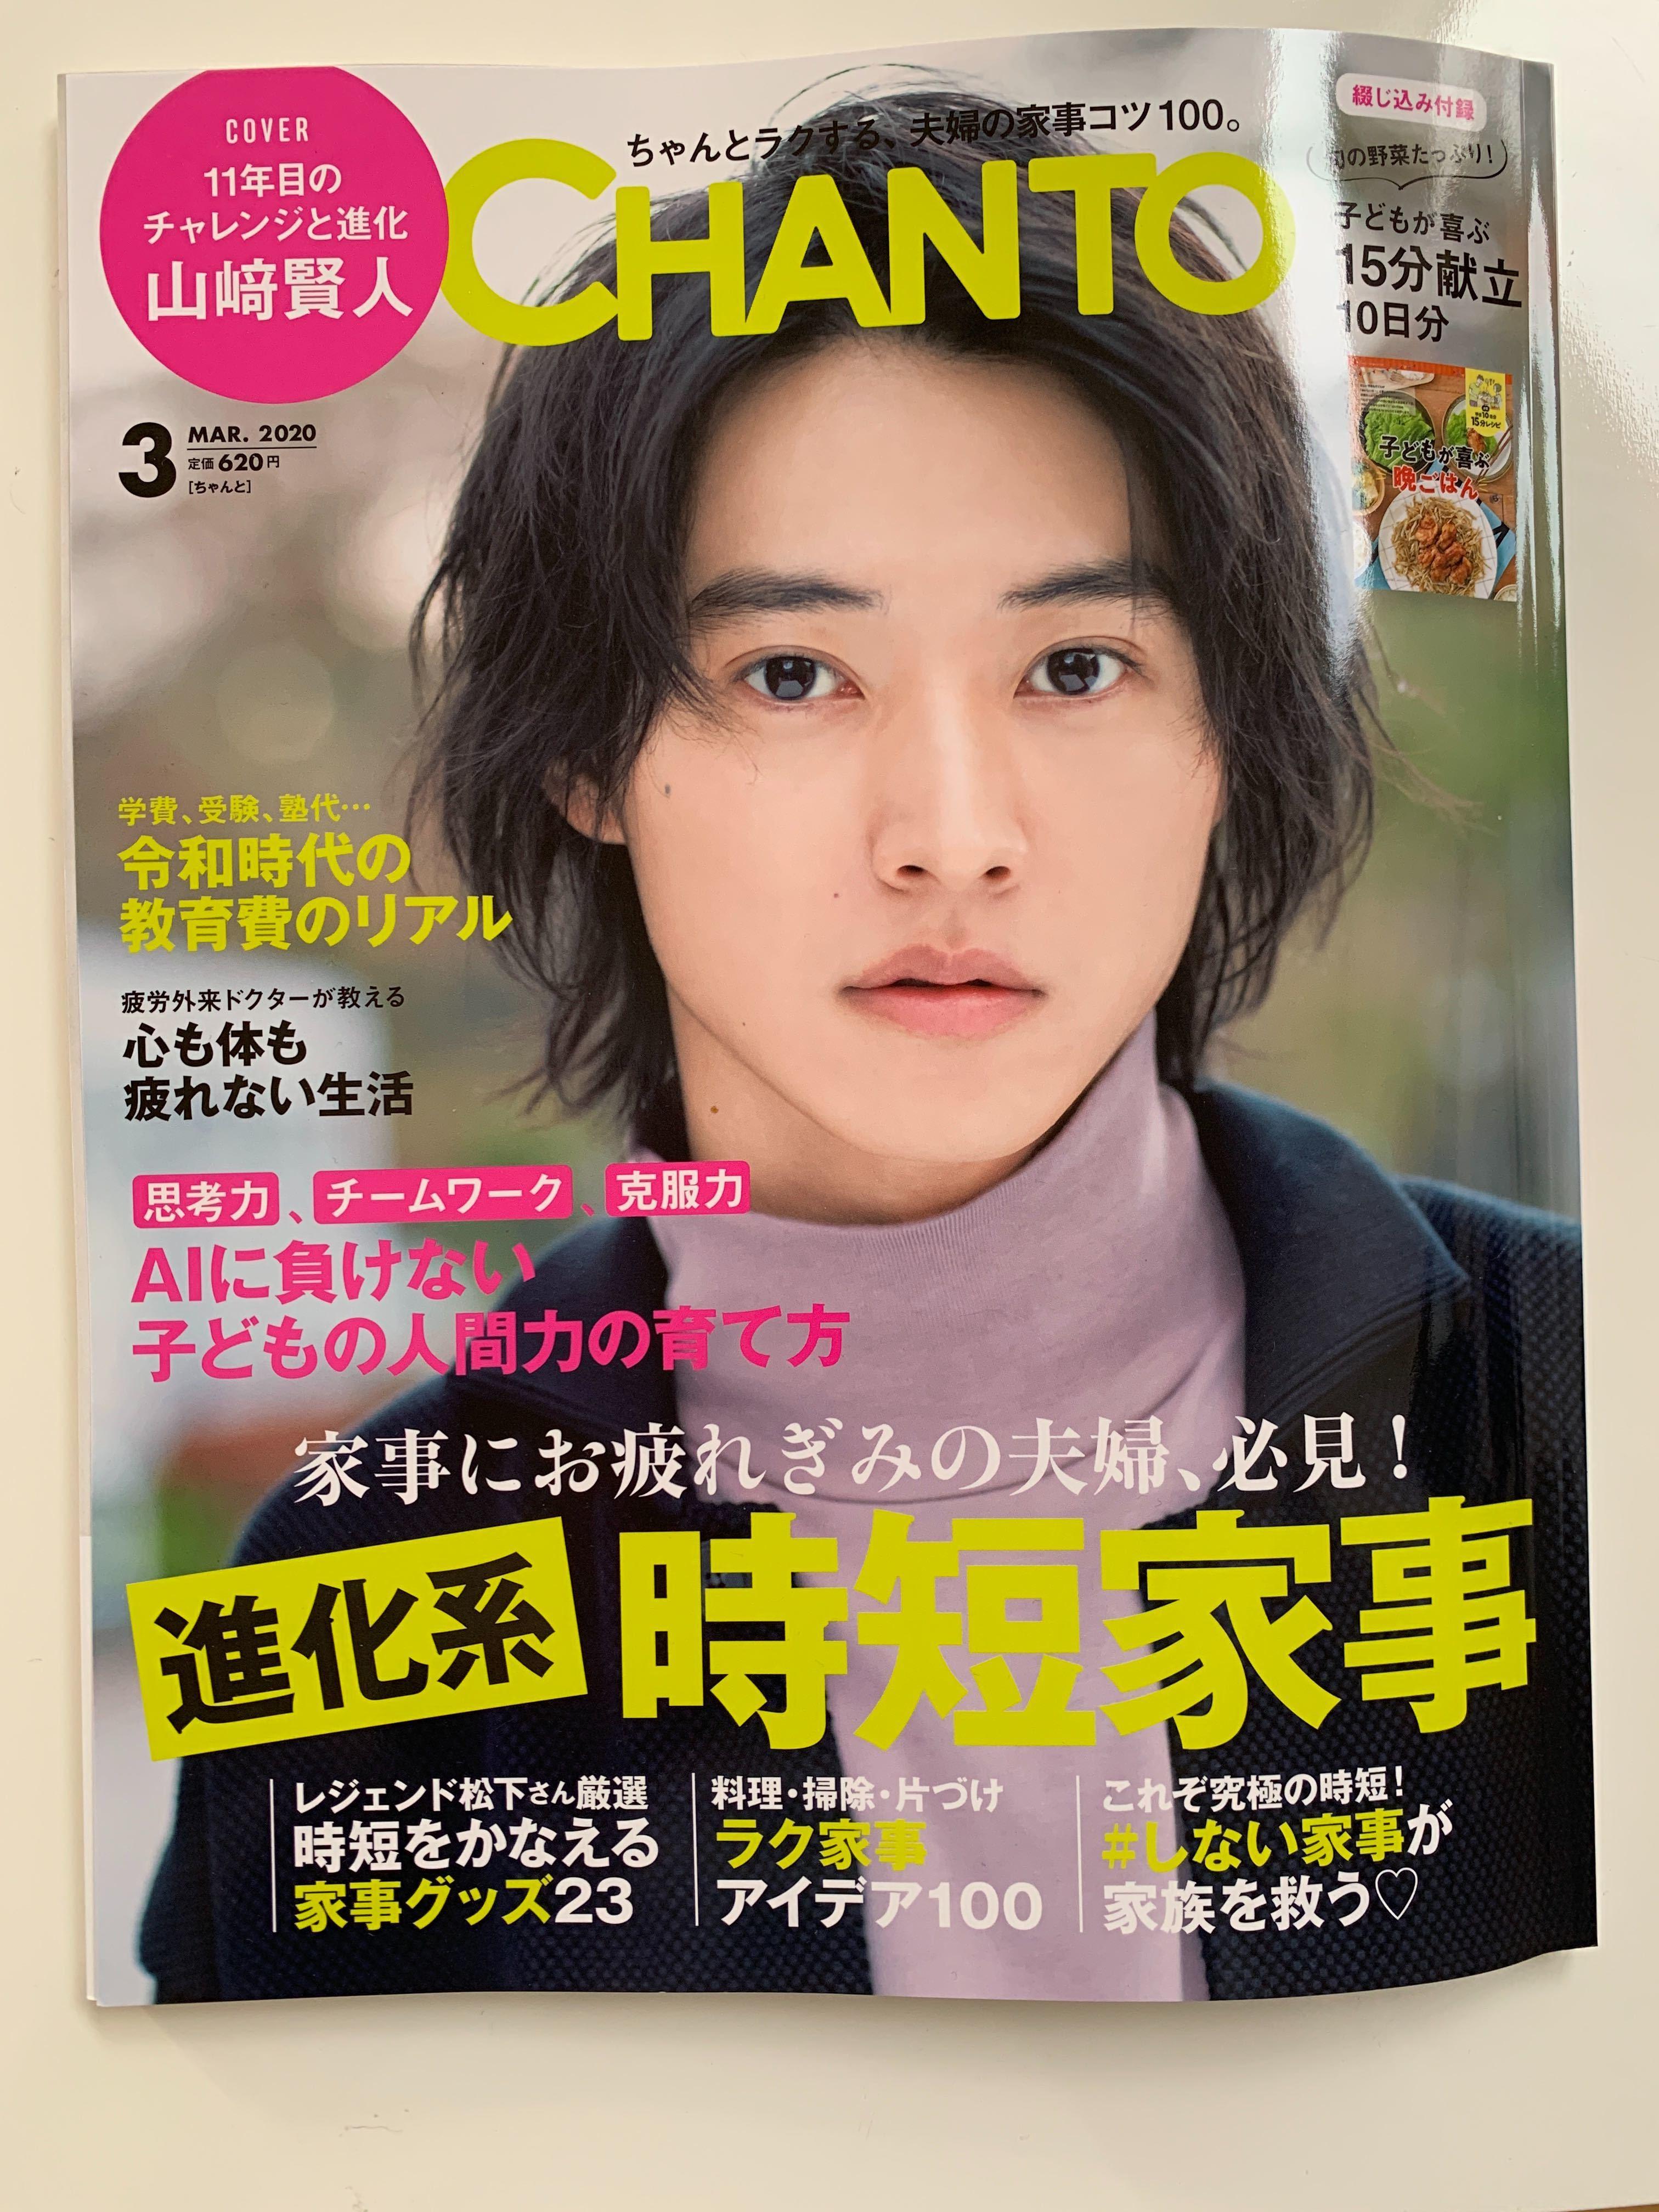 【掲載】CHANTO3月号「ぱぱっとできるお魚レシピ」